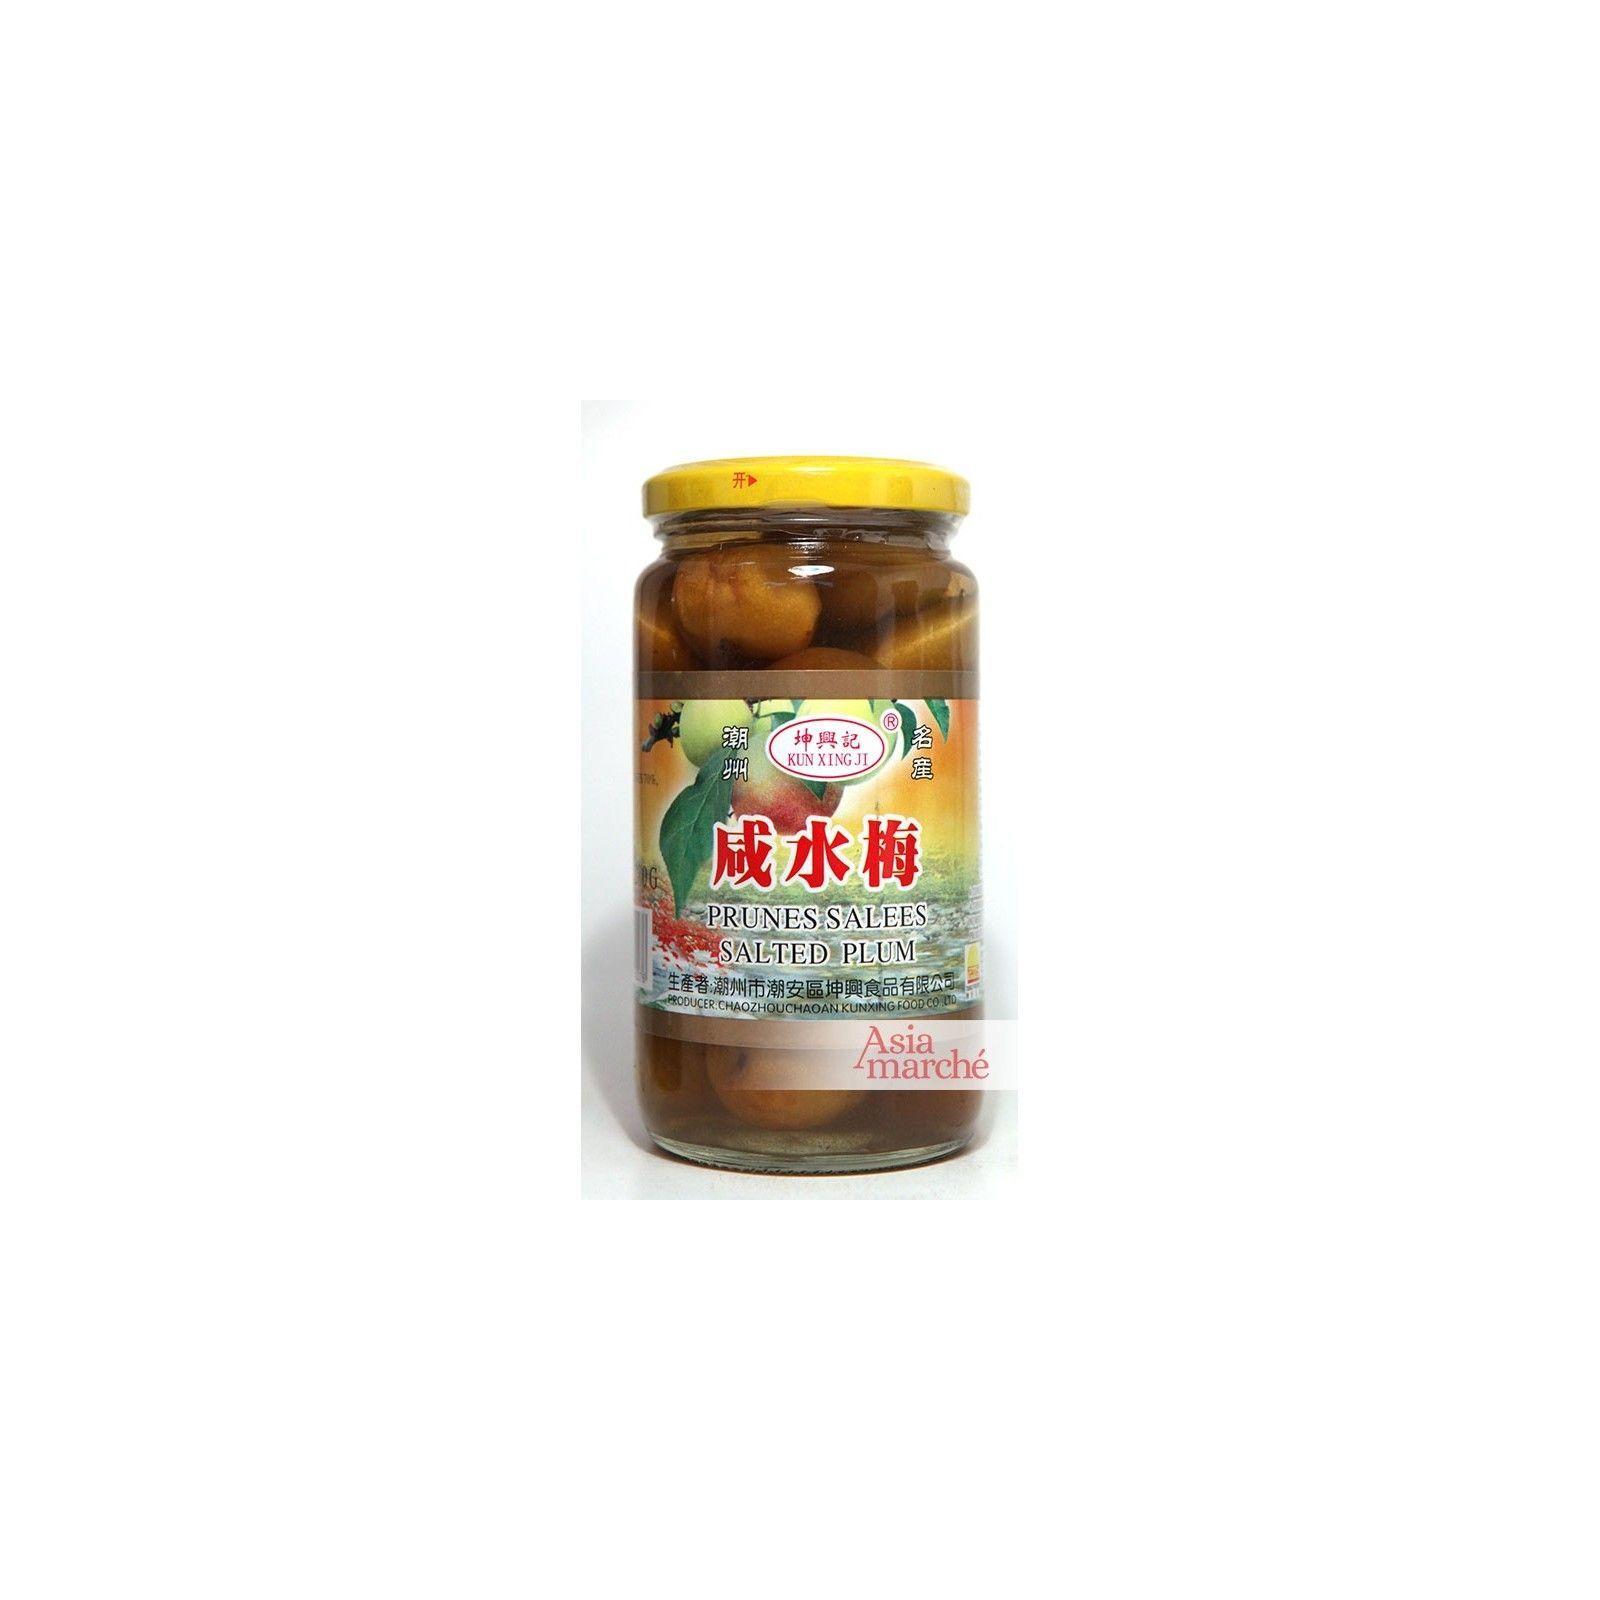 Asia Marché Prunes salées en bocal 400g